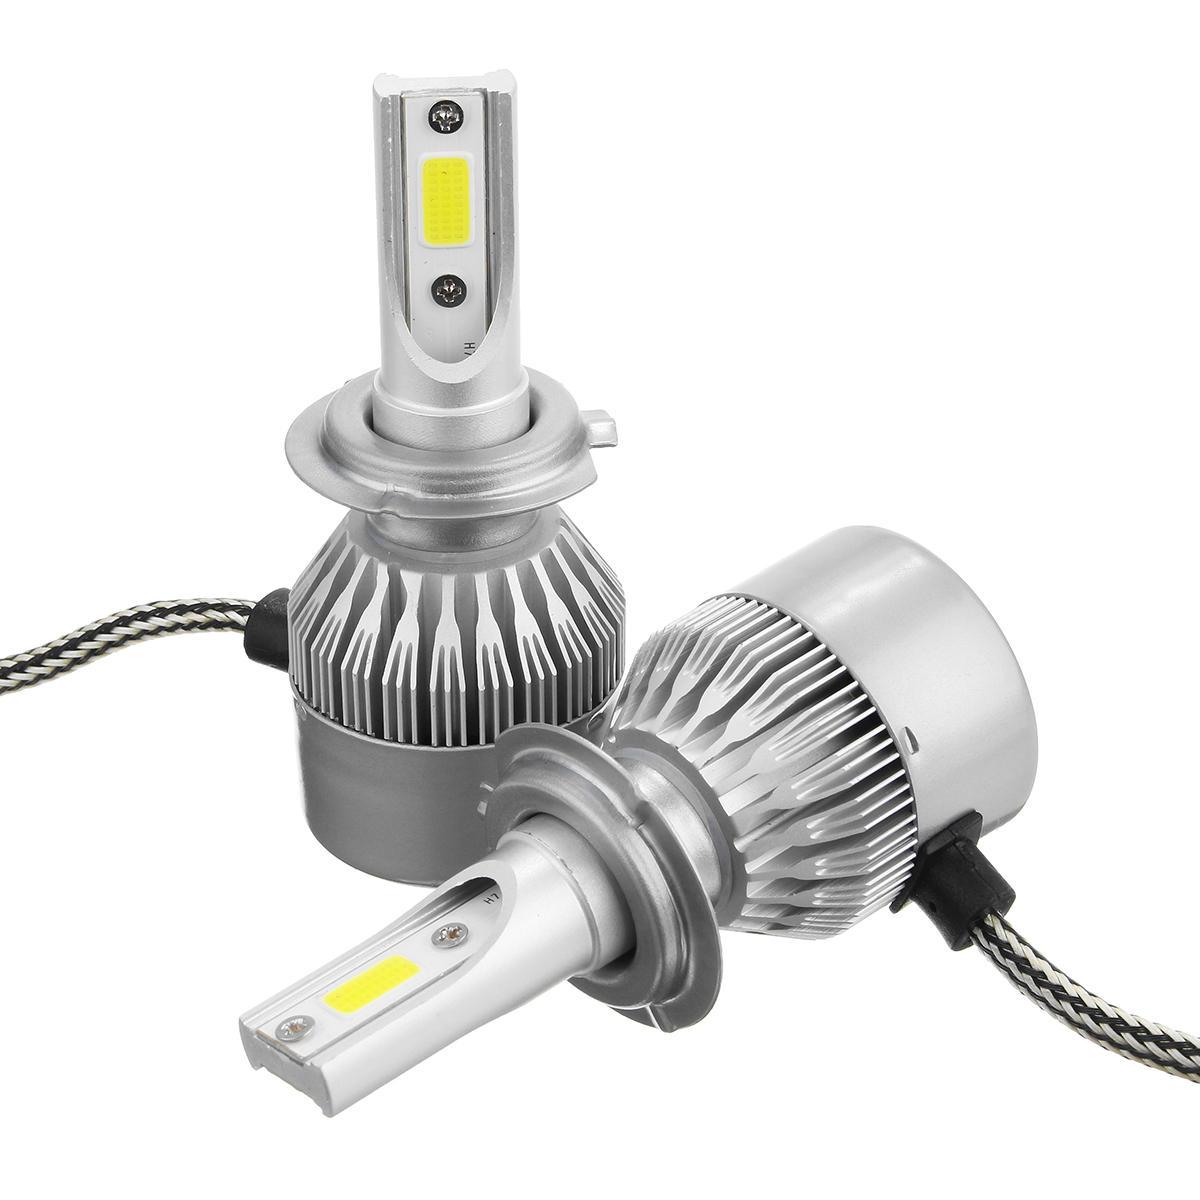 C6 Car COB LED Headlights Bulb Fog Lamp H1 H3 H7 H8/9/11 9005/9006 72W  7600LM 6000K White